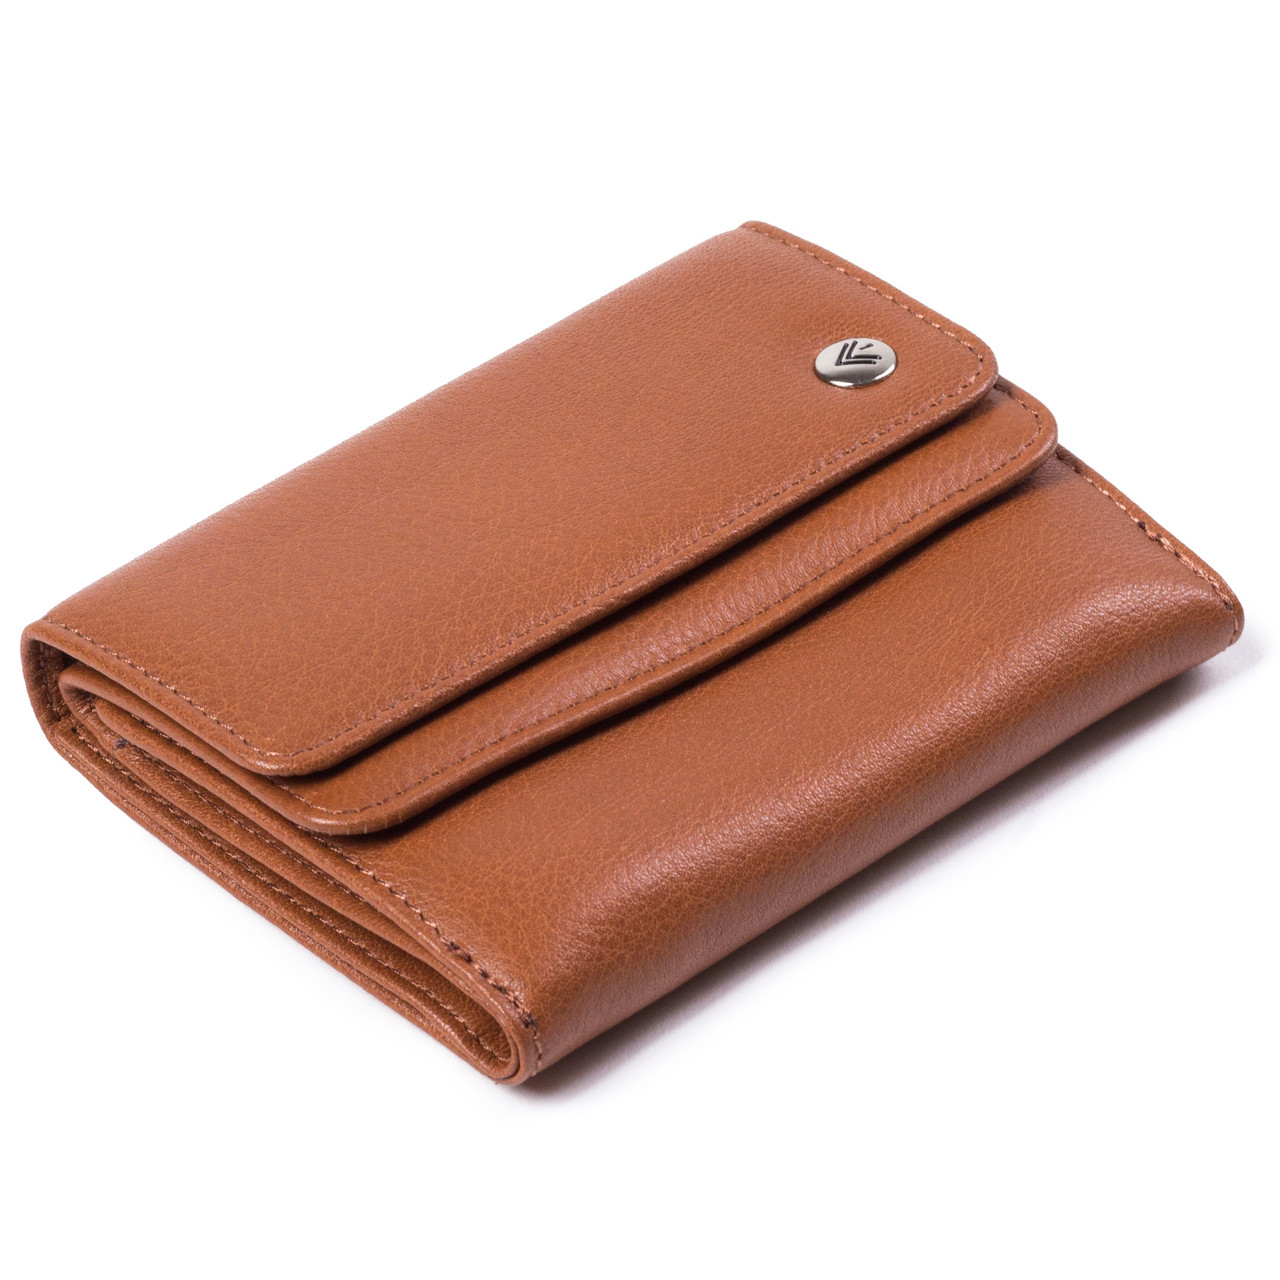 Жіночий гаманець шкіряний коричневий Eminsa 2056-12-2